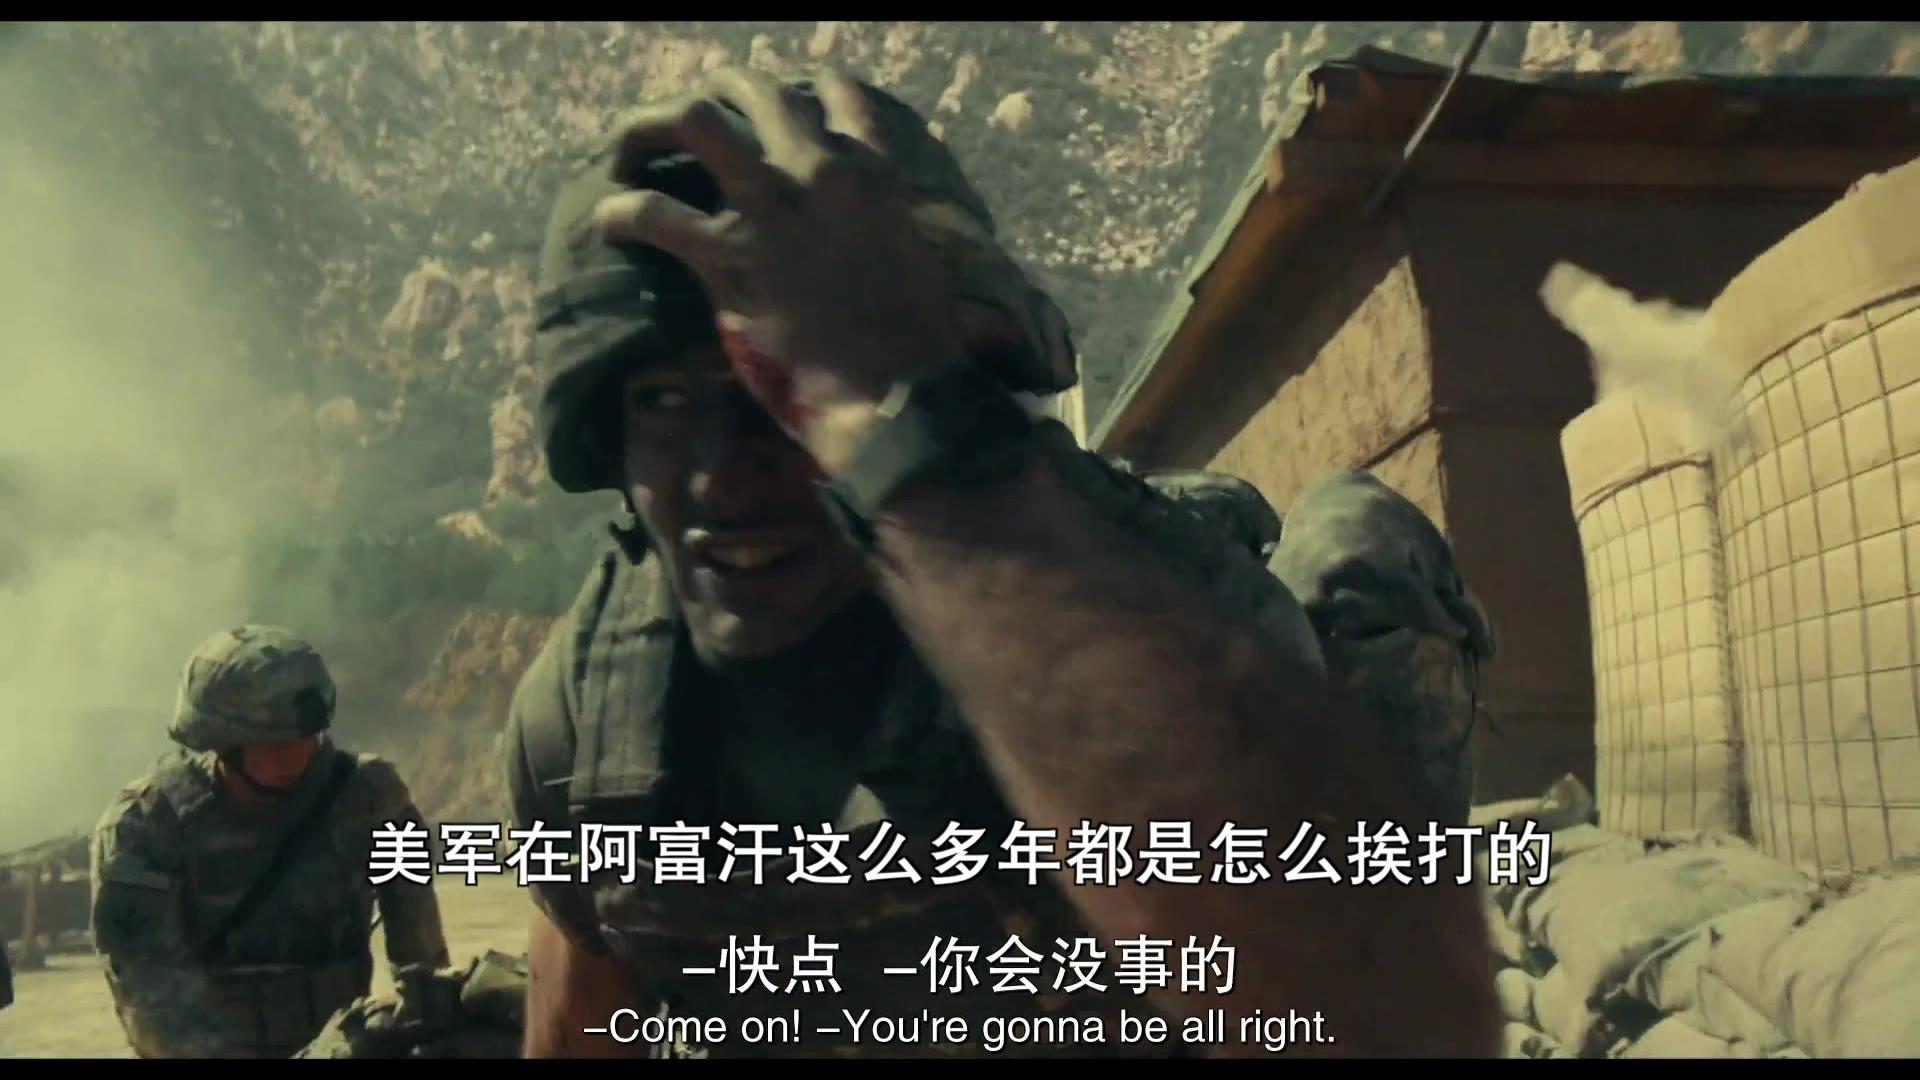 电影《前哨》阿富汗美军遭围攻,龟缩翻盘!